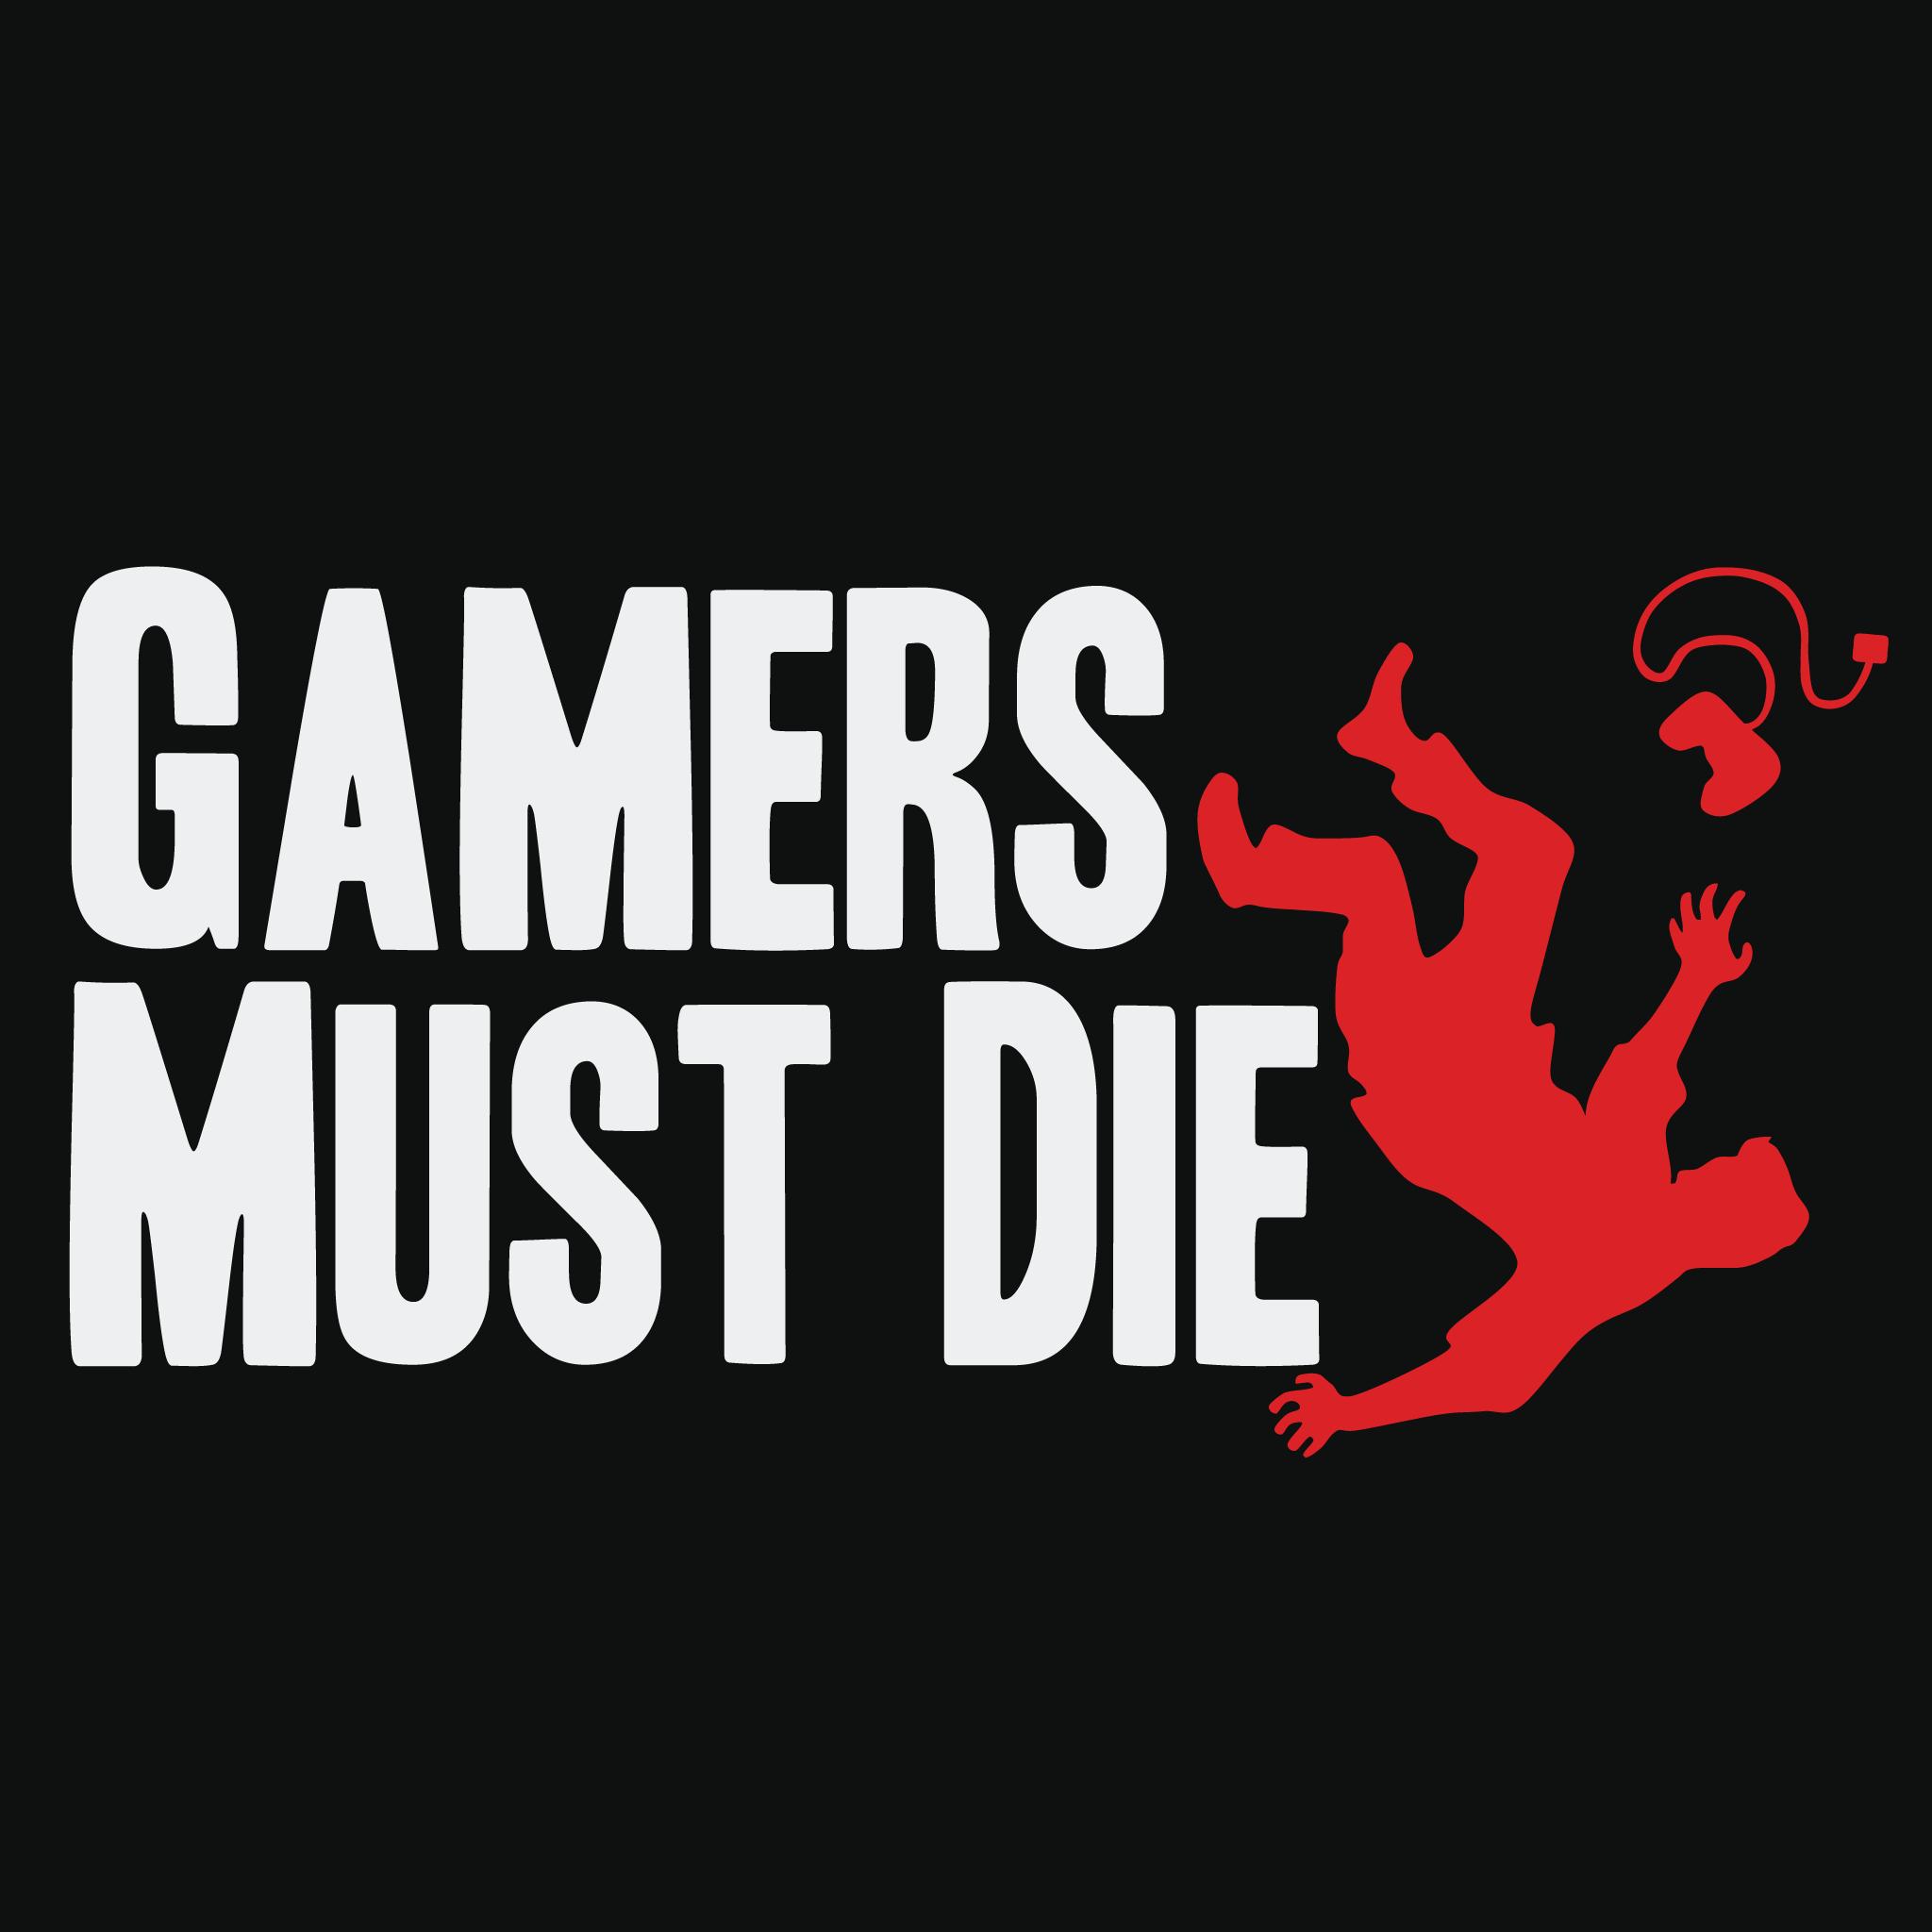 Gamers Must Die